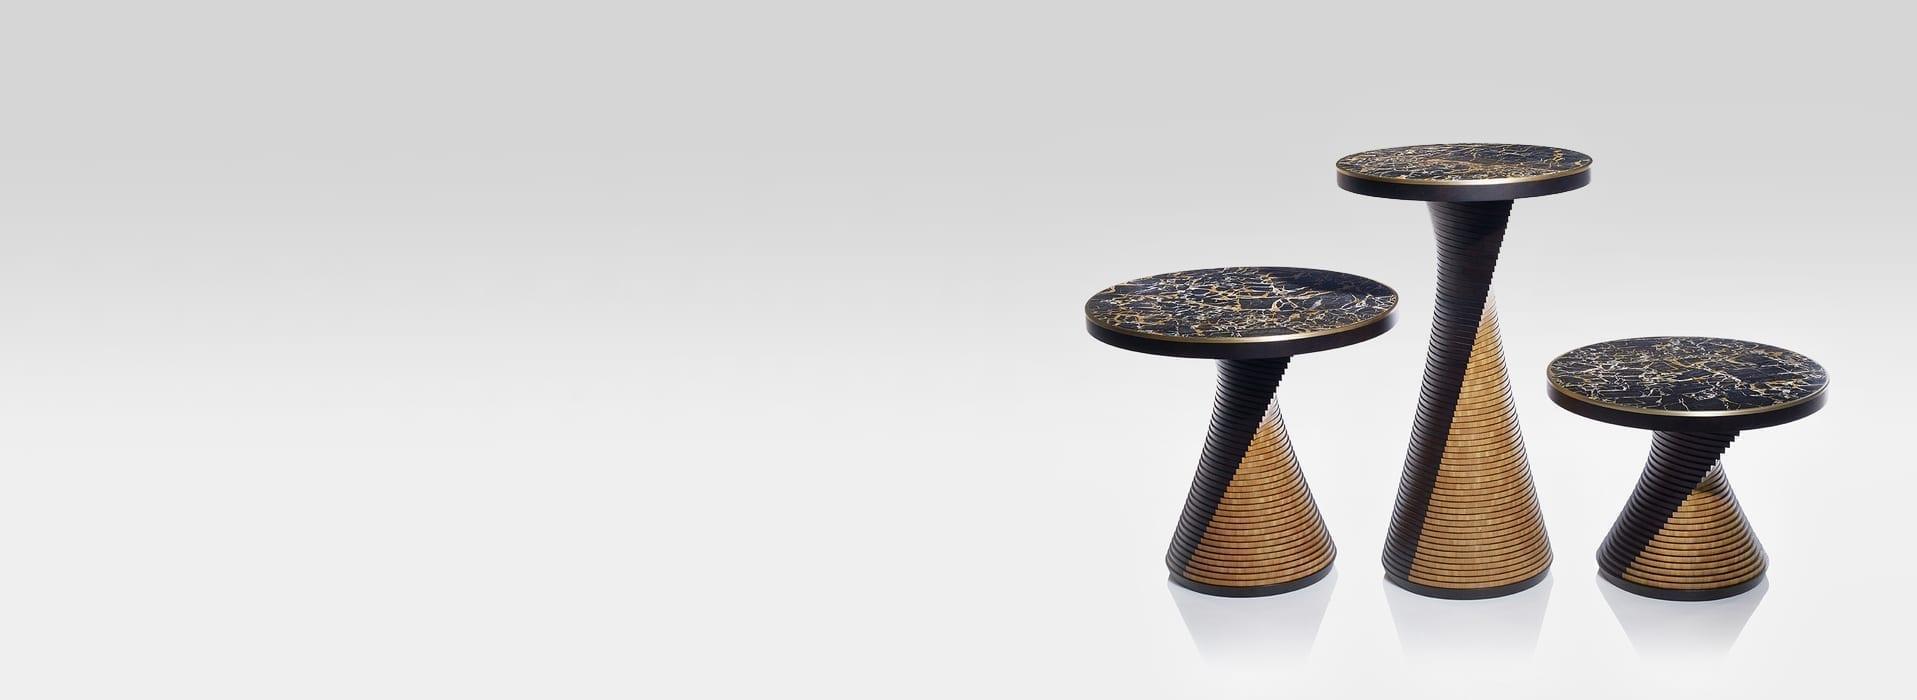 lightweight stone furniture at grama blend uk